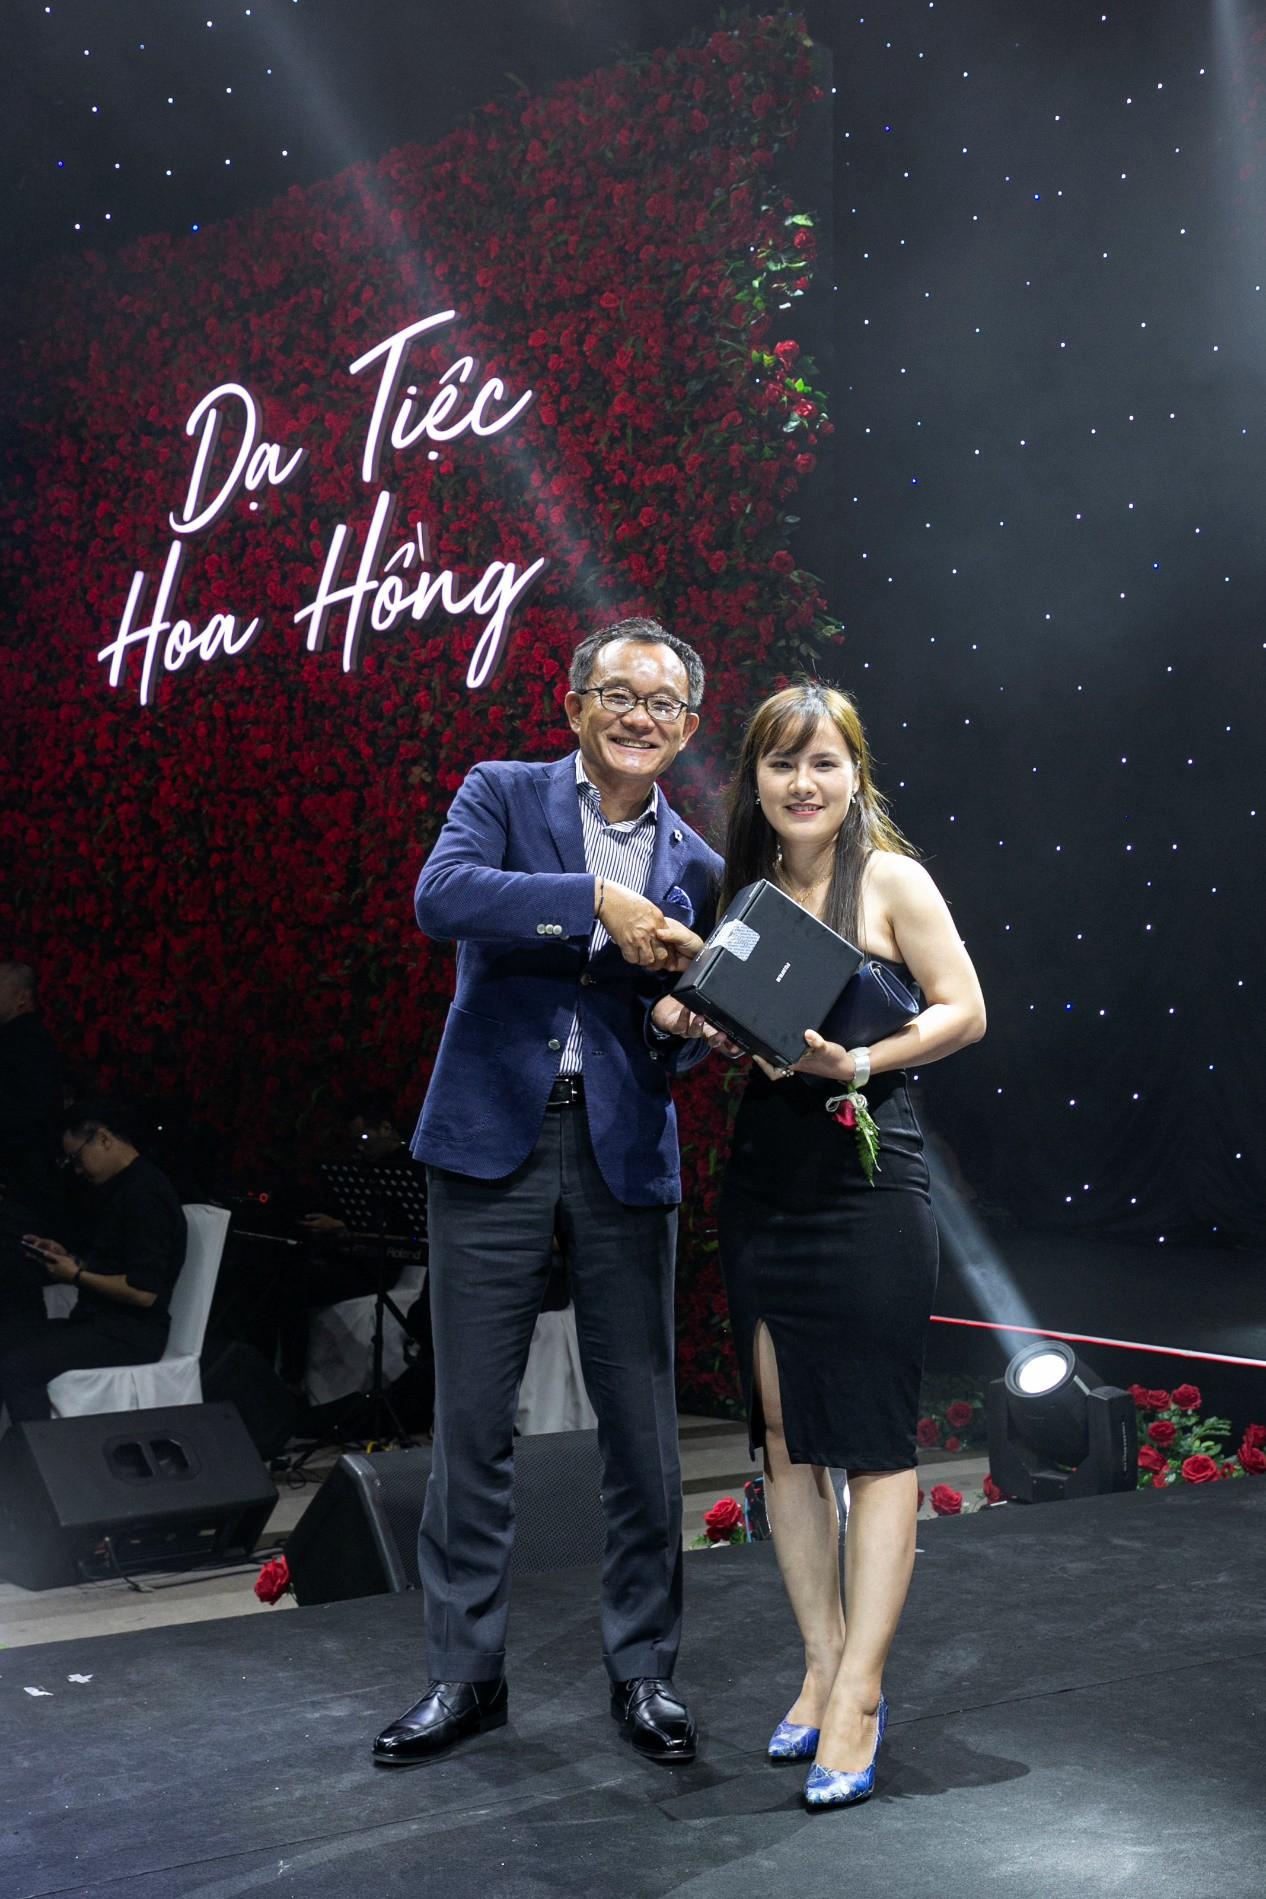 Ninh Dương Lan Ngọc cực kì quyến rũ check-in tại Dạ Tiệc Hoa Hồng sang chảnh - Ảnh 7.